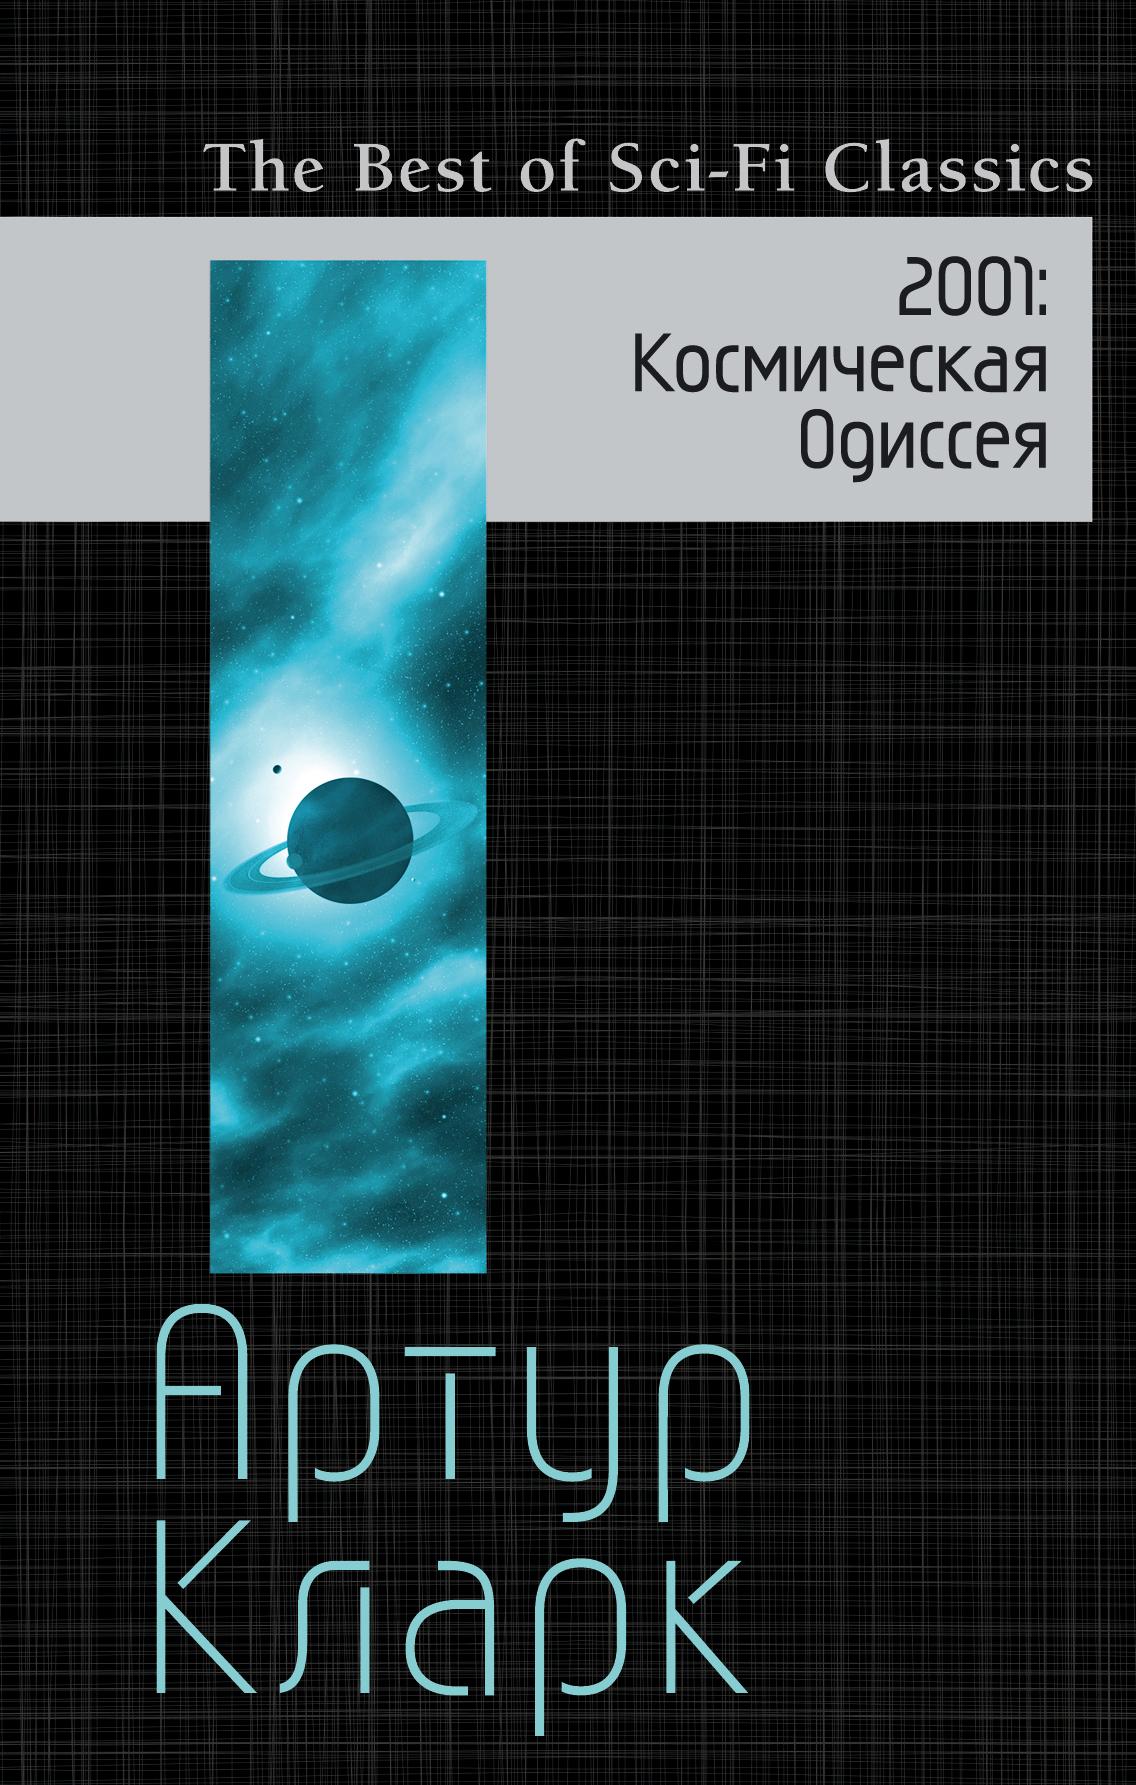 Артур Кларк 2001. Космическая Одиссея йорам канюк эксодус одиссея командира